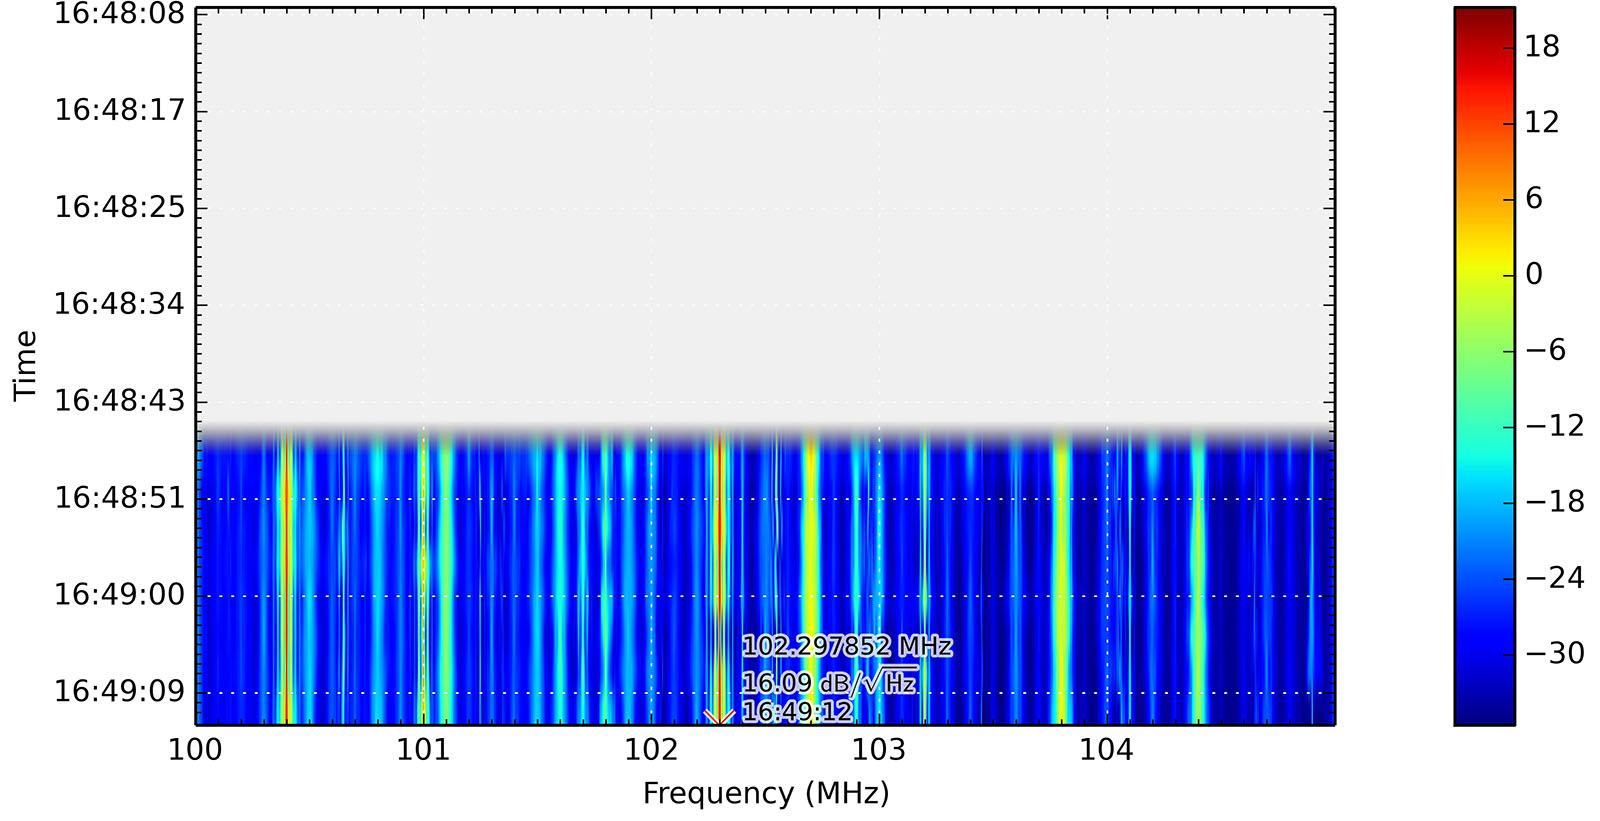 UKW-Rundfunkbereich mit Tiefpassfilter